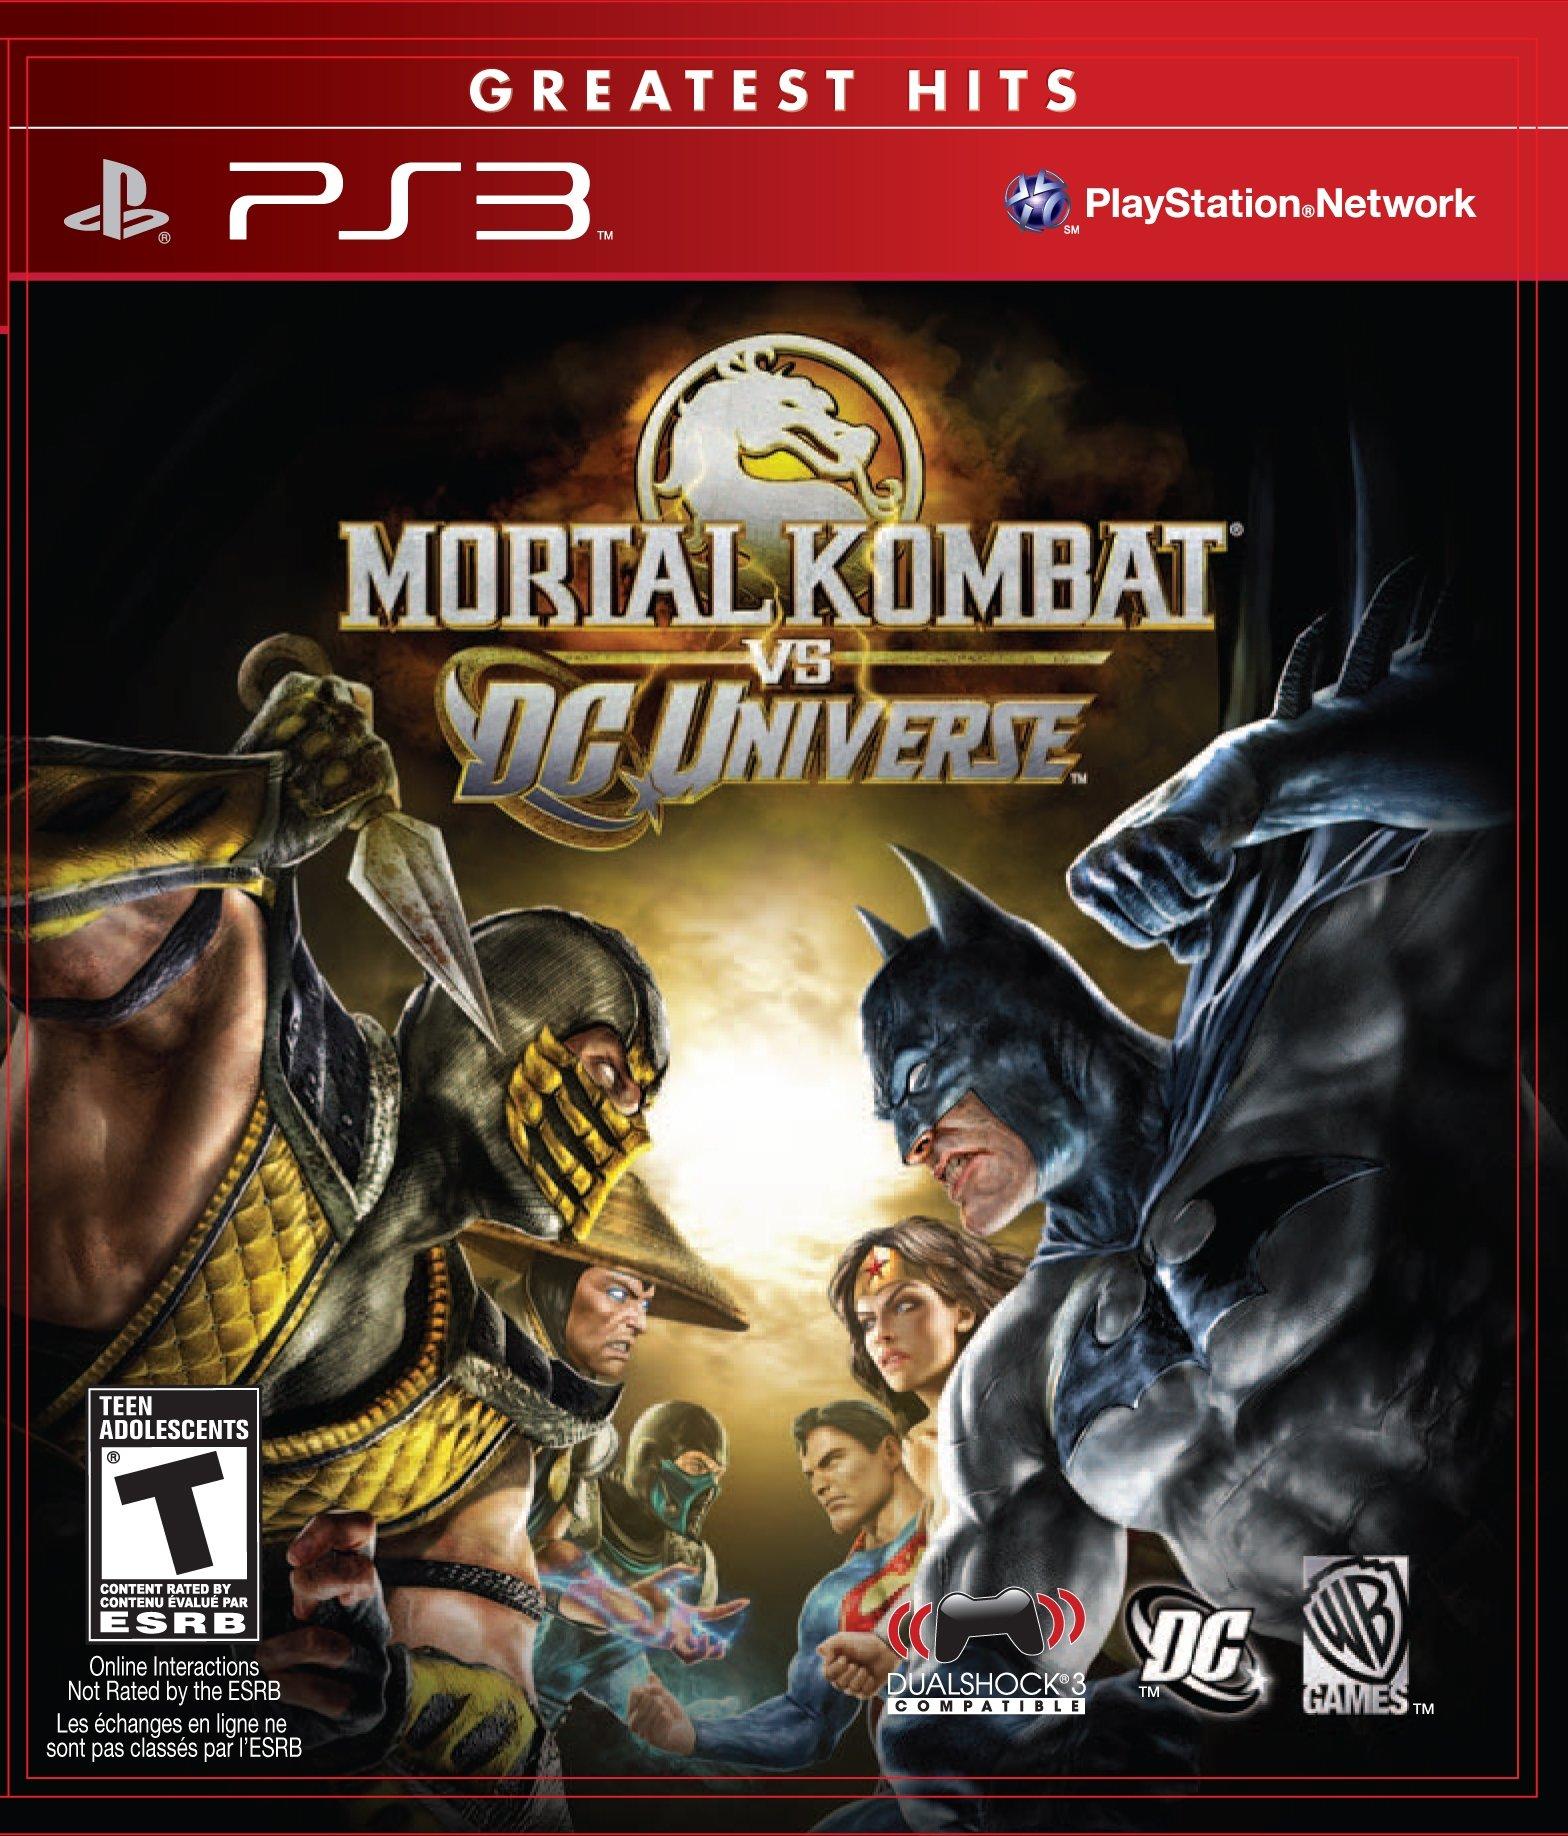 Mario Kart 8 Deluxe Release Date >> Mortal Kombat vs. DC Universe Release Date (Xbox 360, PS3)